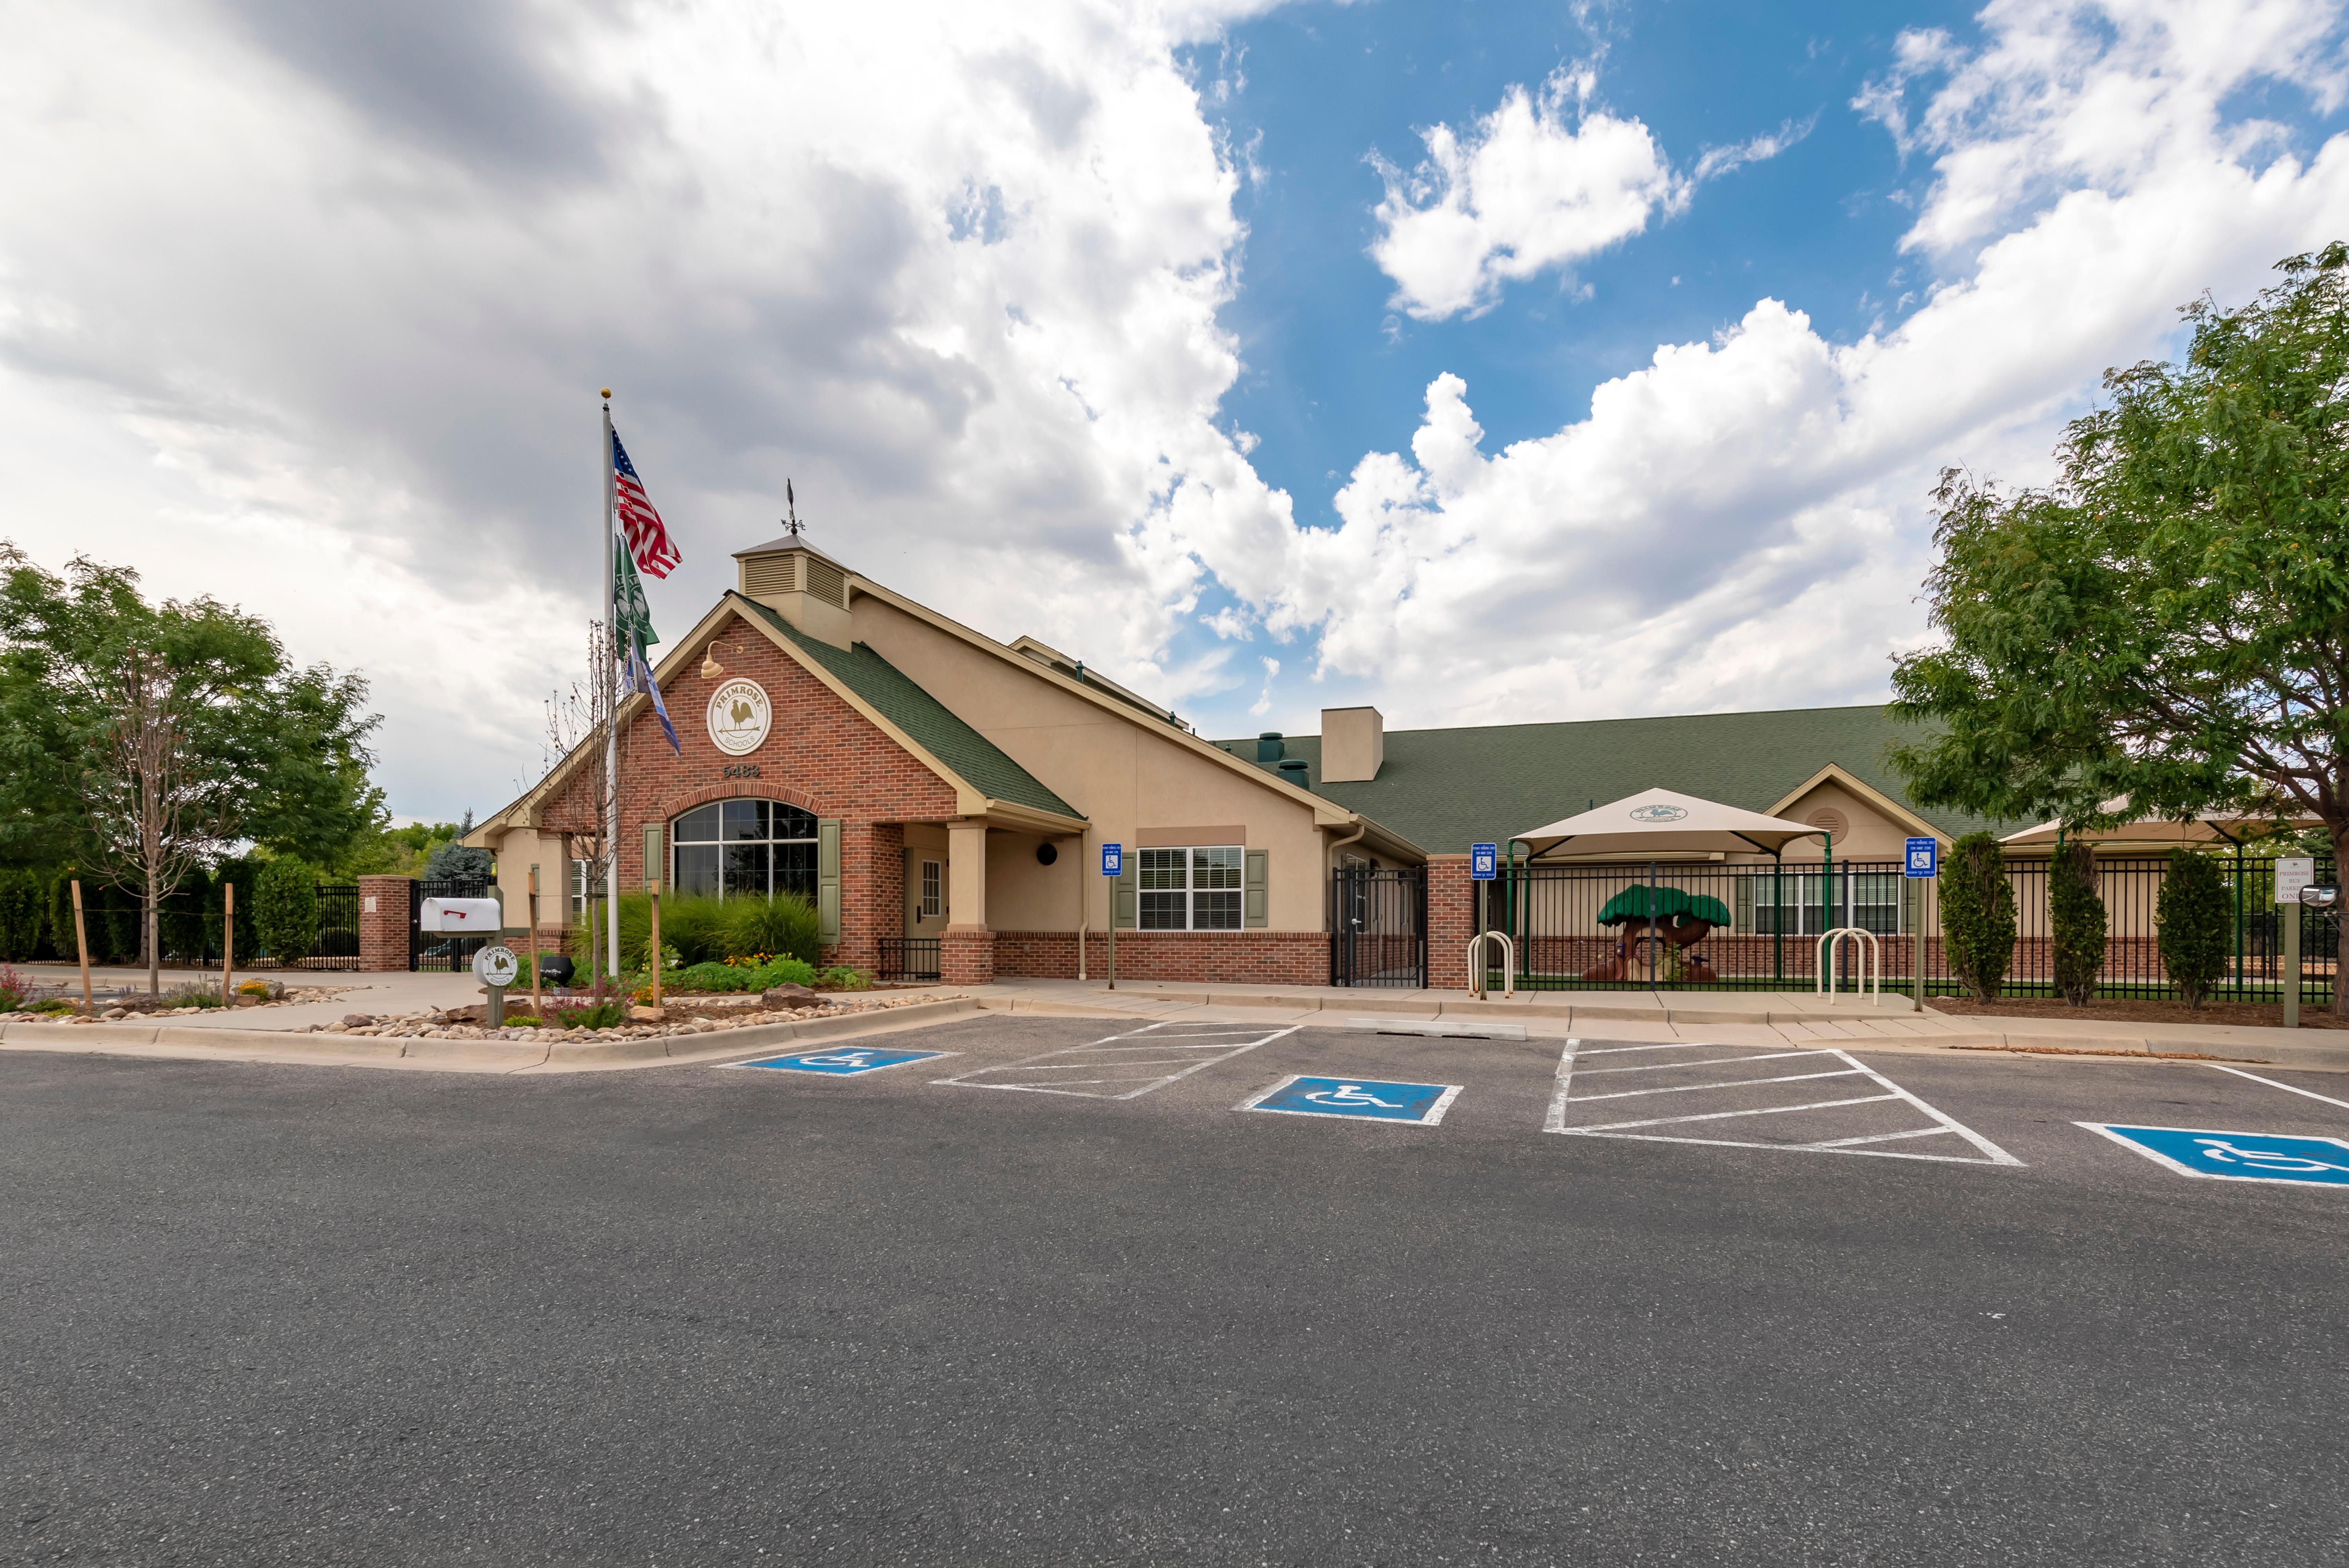 Primrose School at Torrey Peaks image 1